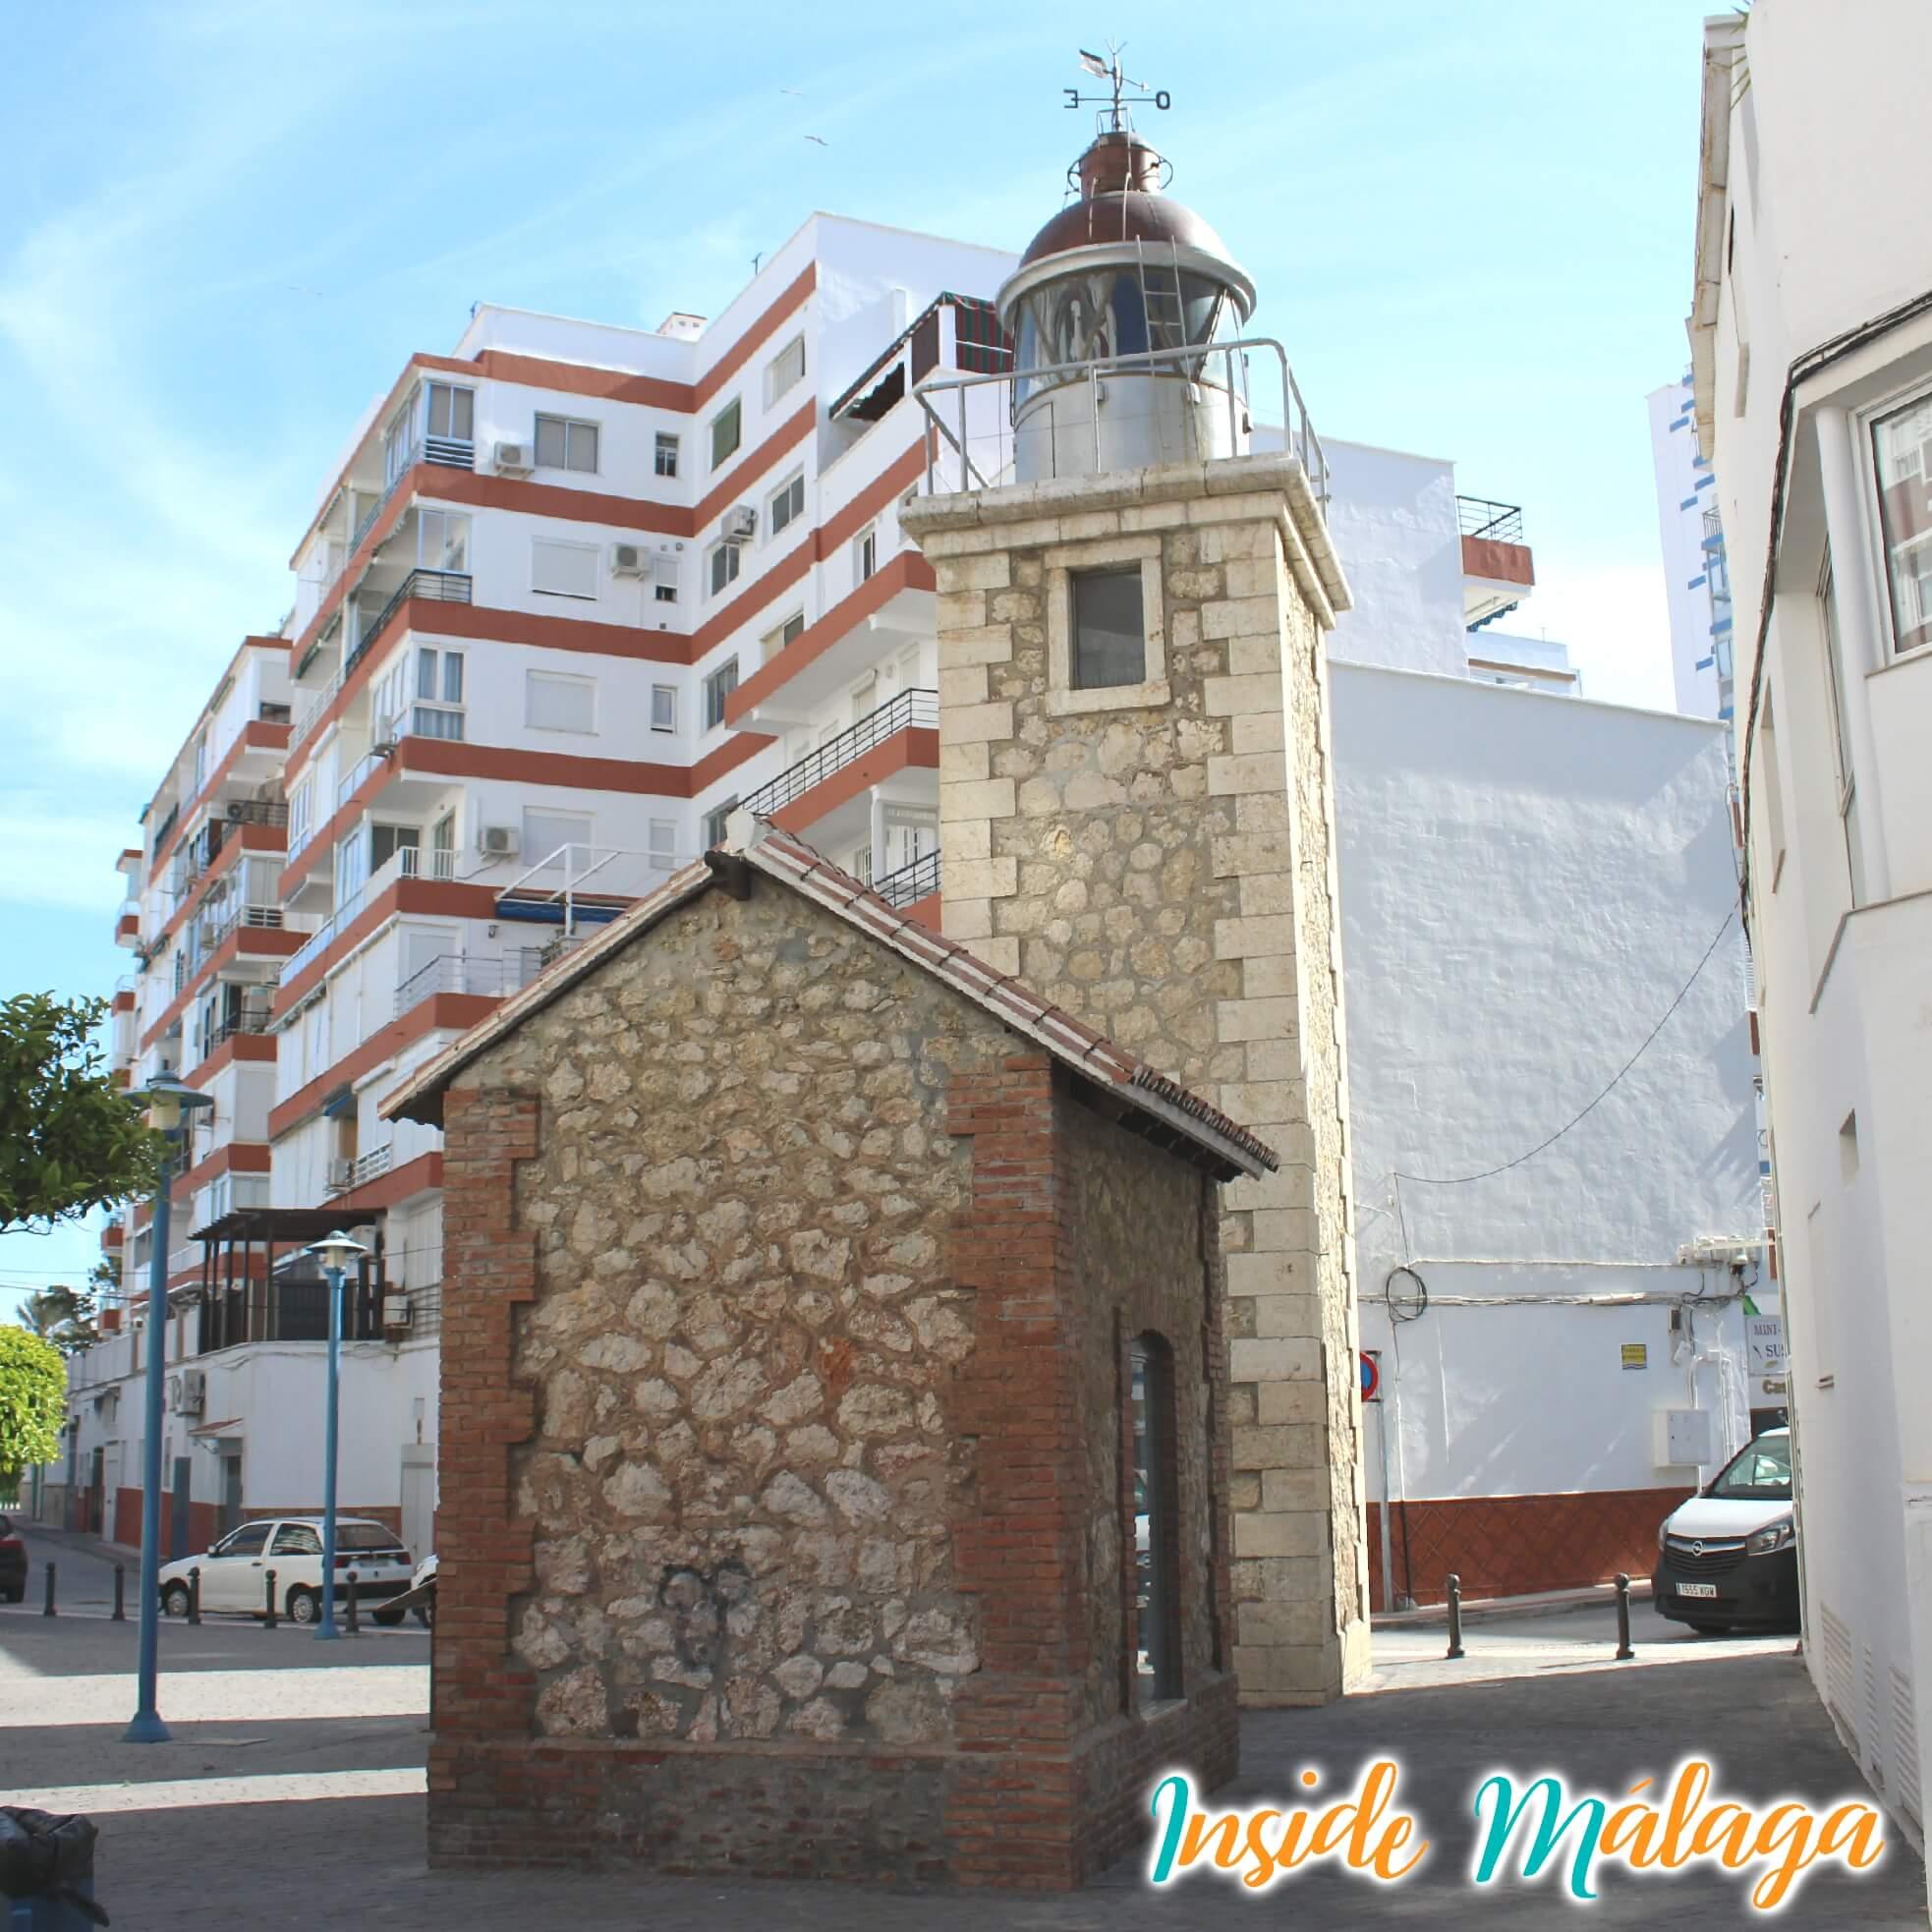 Faro Avenida Tore Tore Torre del Mar Velez Malaga